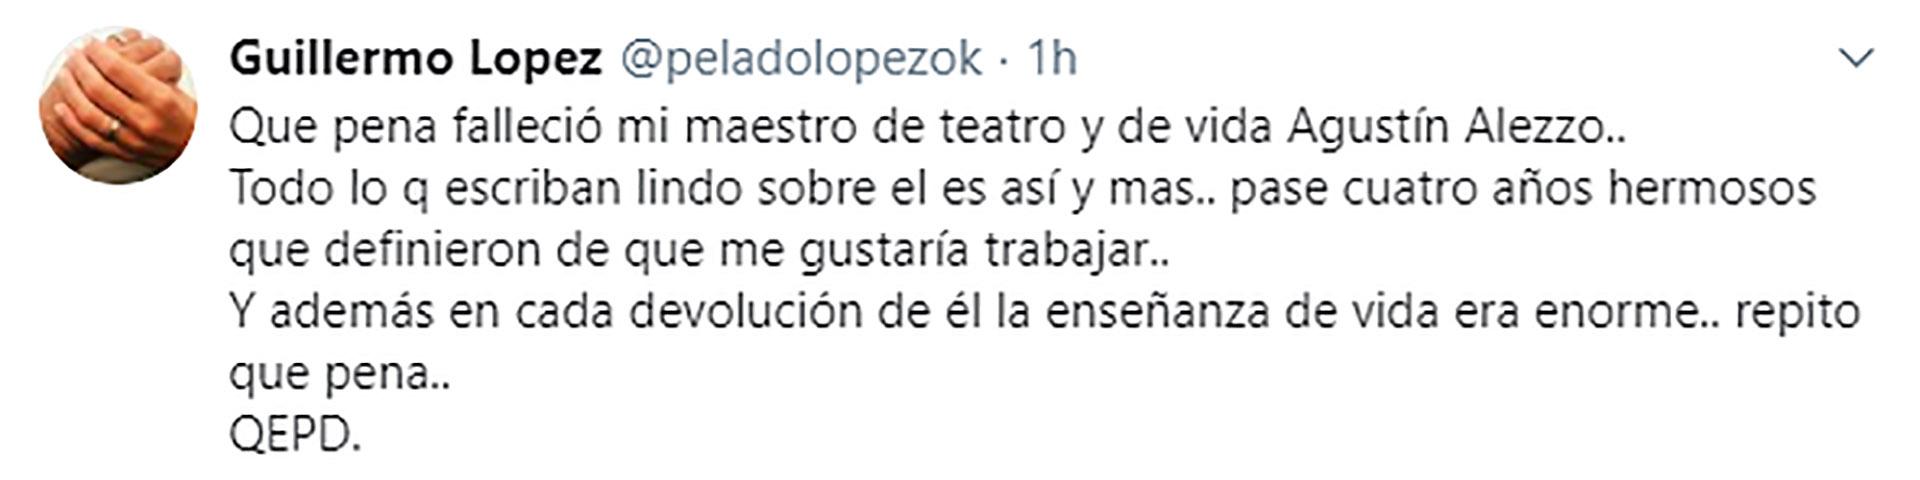 La despedida de Guillermo López